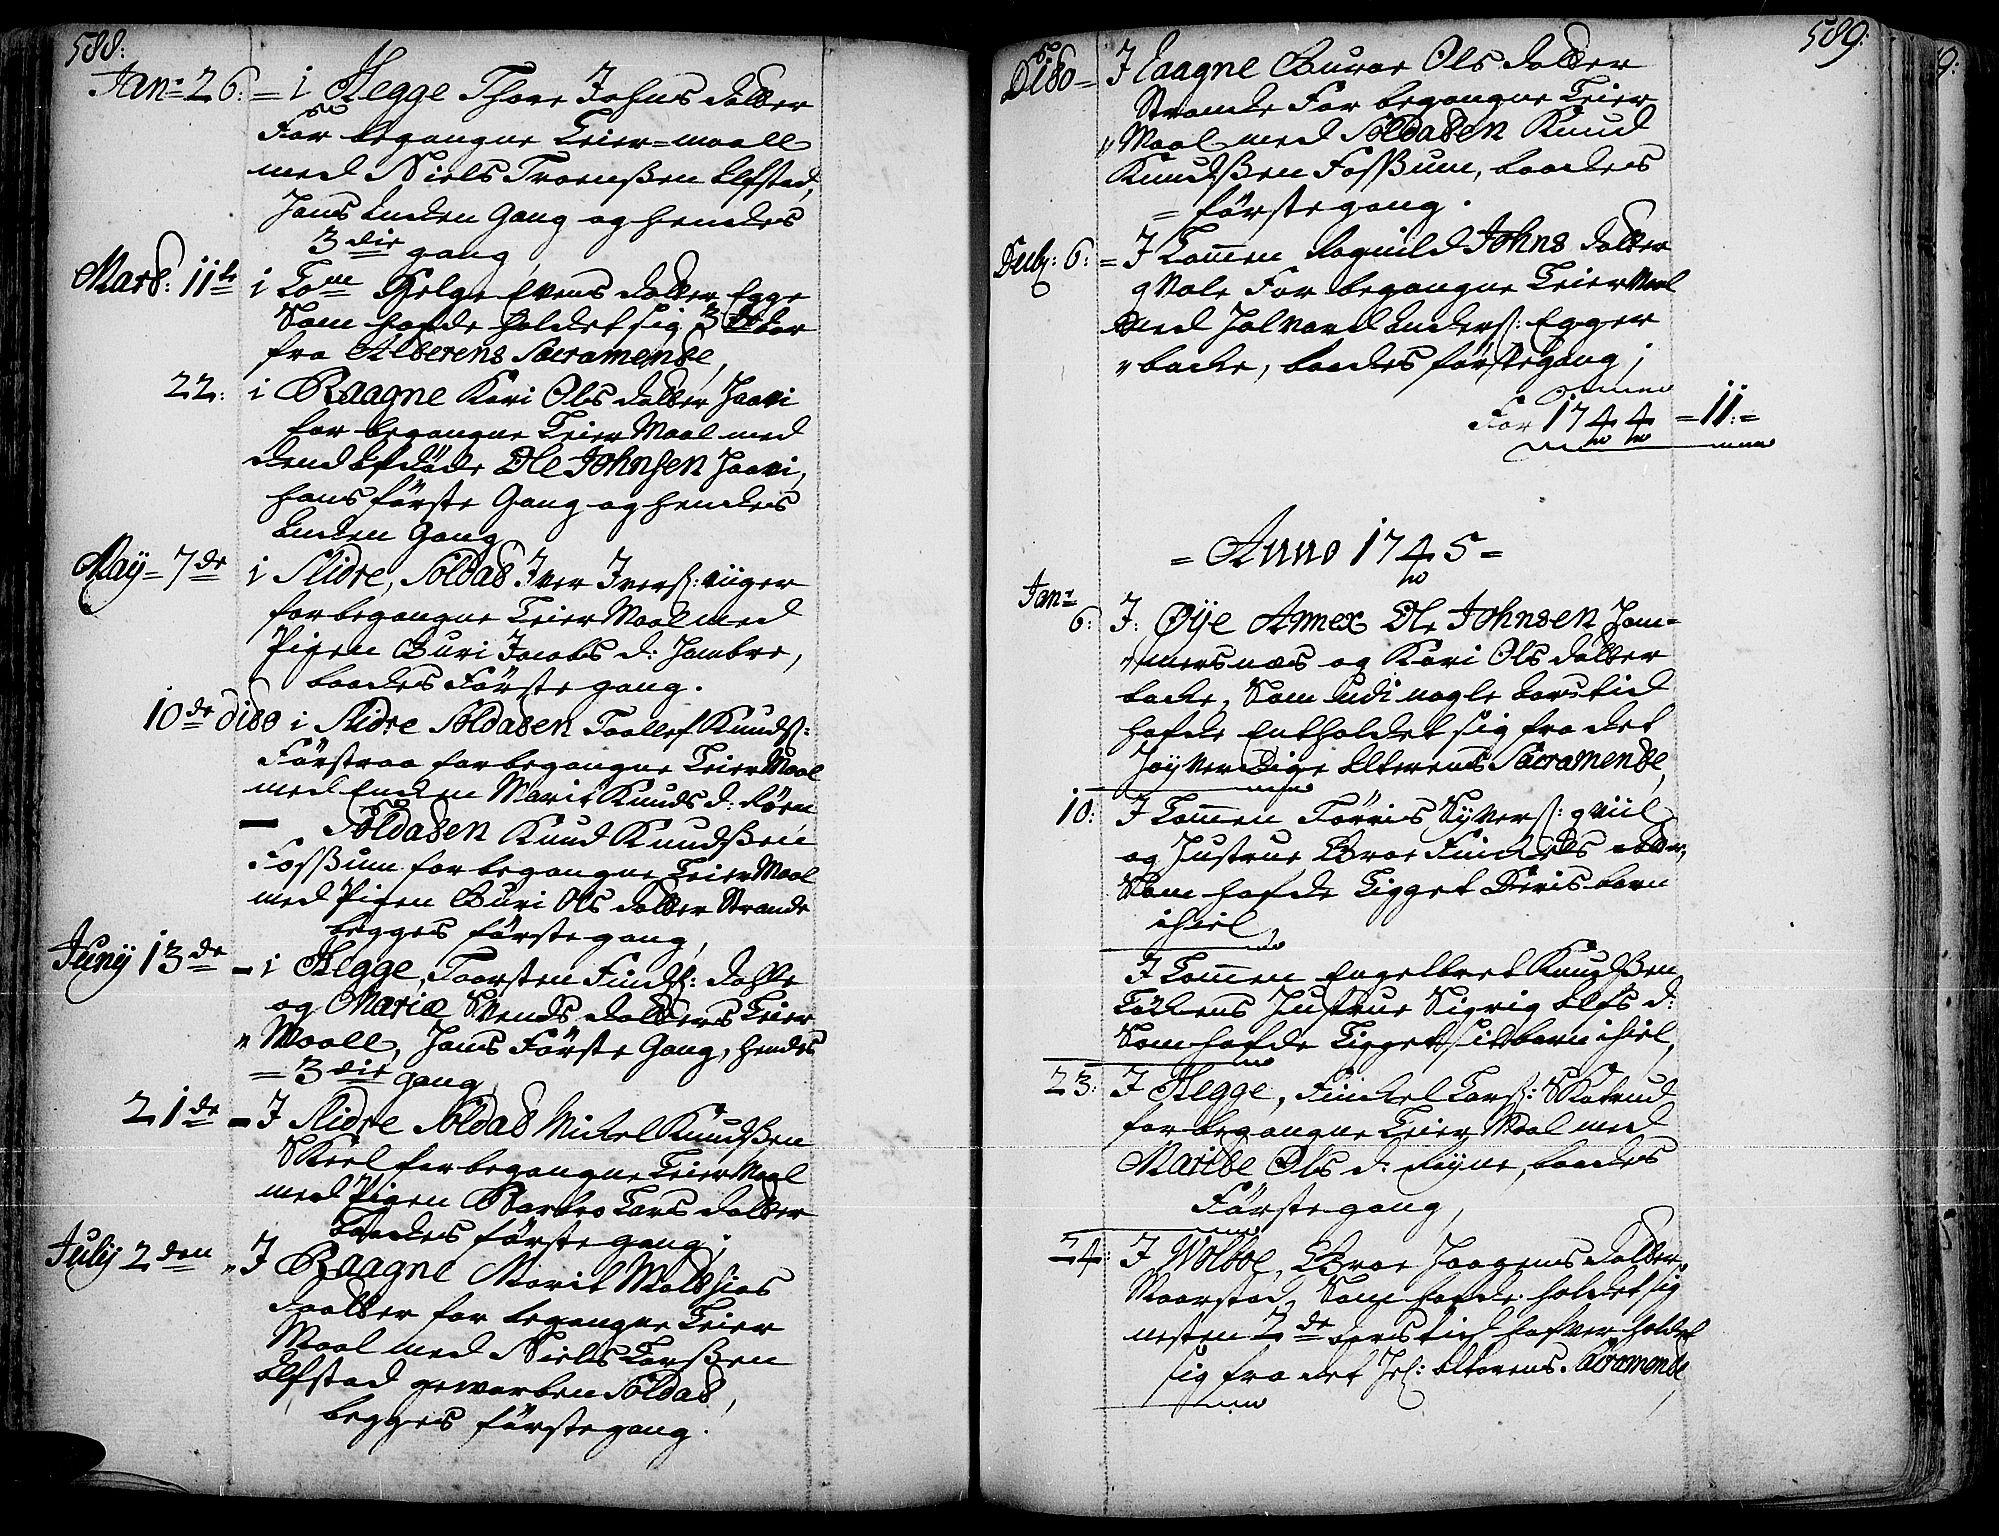 SAH, Slidre prestekontor, Ministerialbok nr. 1, 1724-1814, s. 588-589